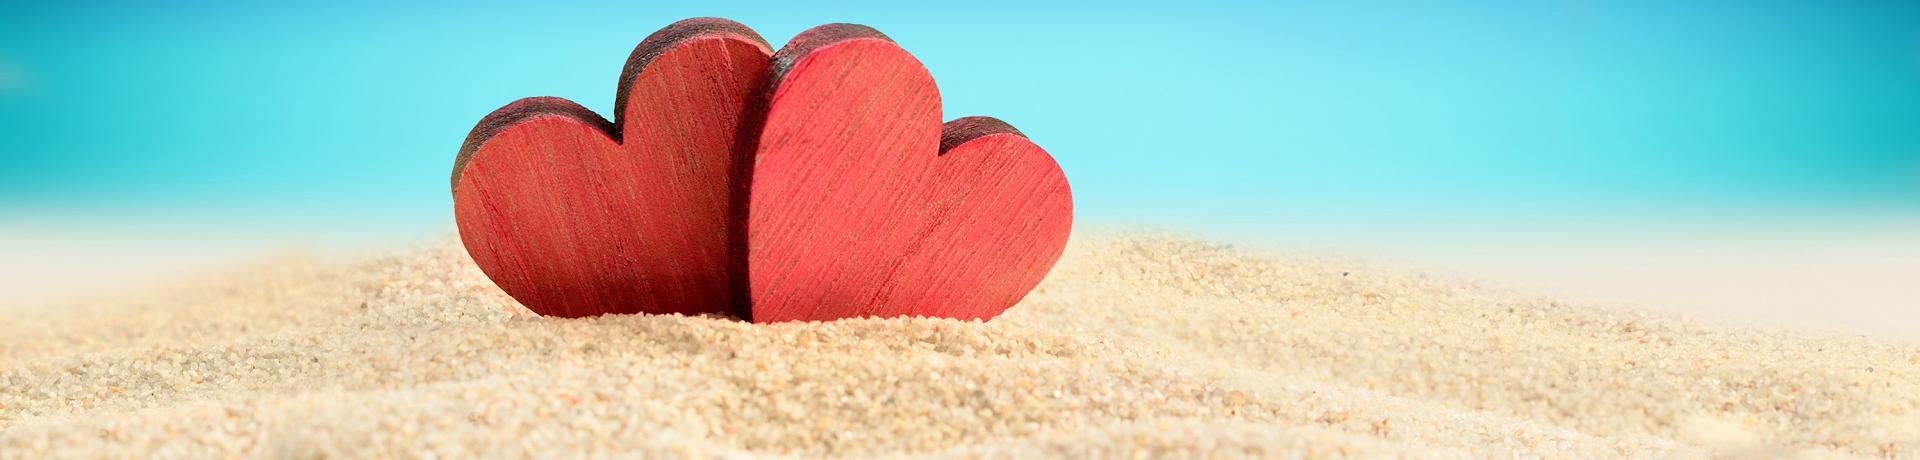 Sonstiges: Herzen - Strand - Emotion